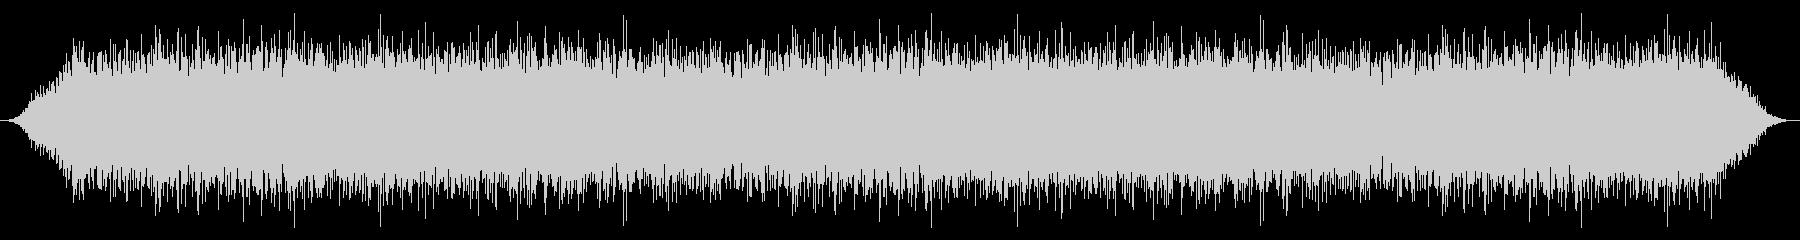 PC 駆動音02-07(ロング)の未再生の波形